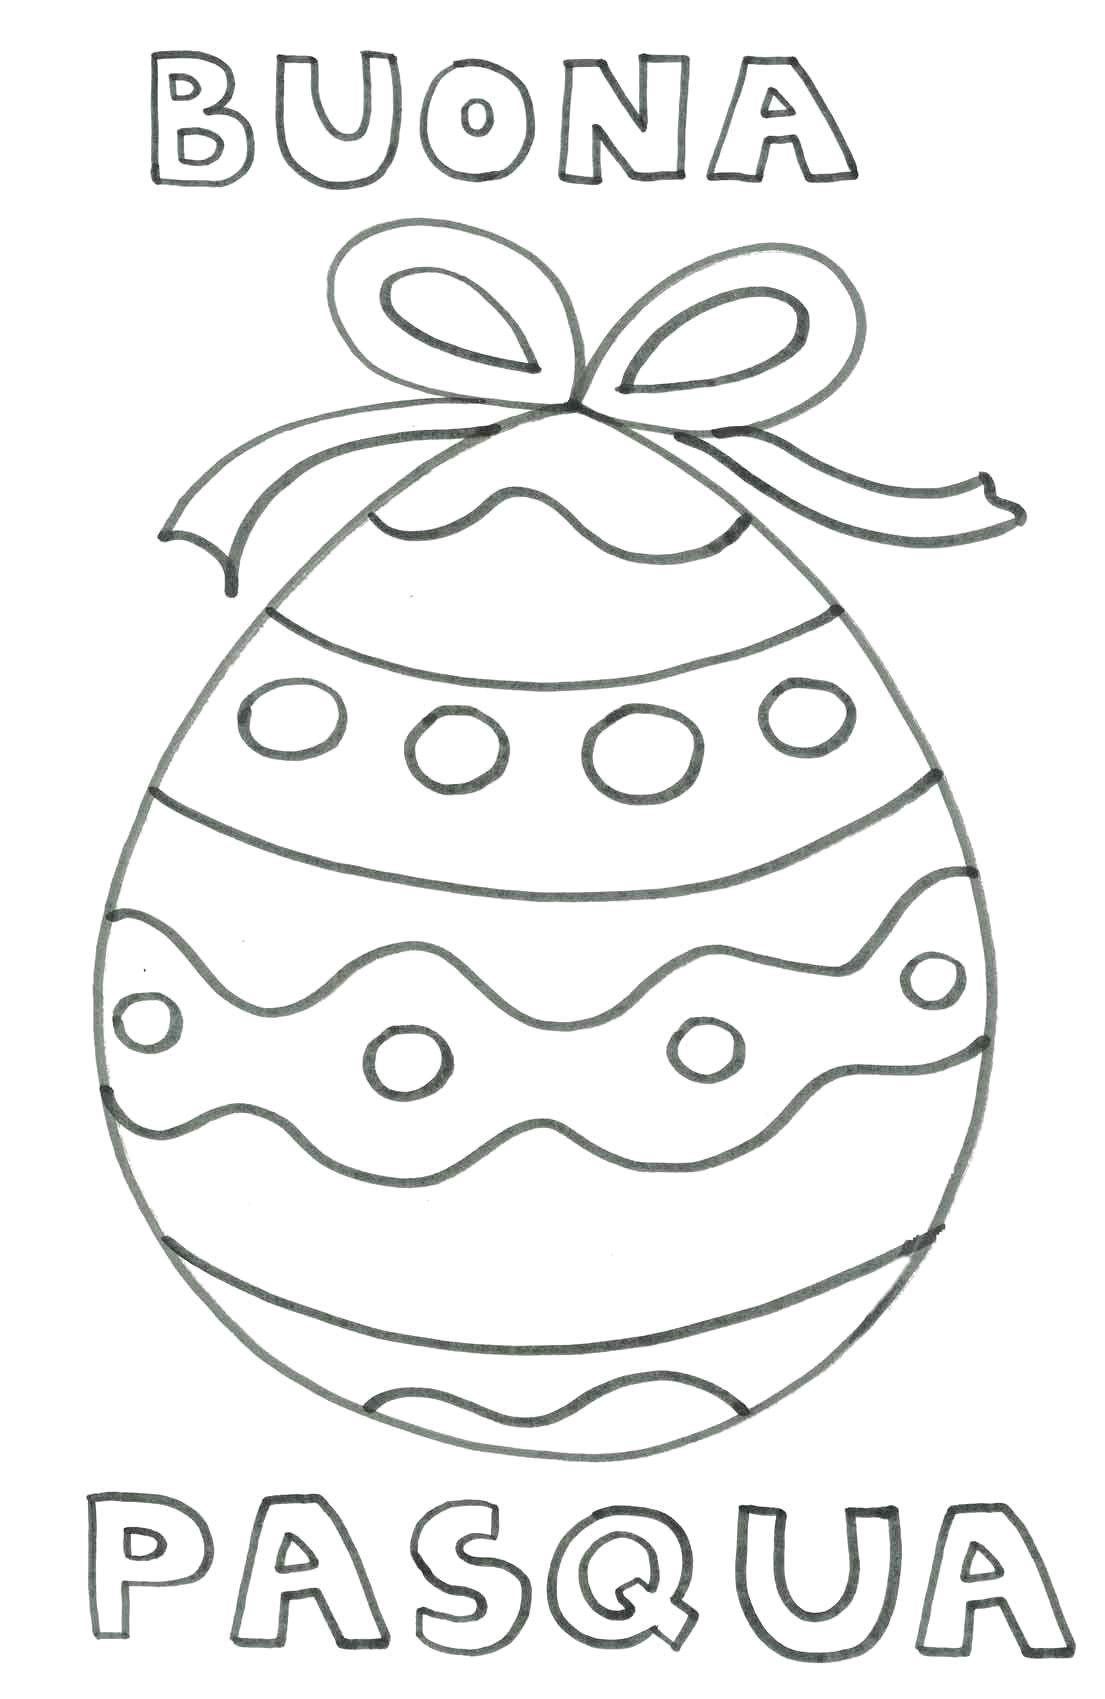 Disegni Da Colorare Di Buona Pasqua.Auguri Di Buona Pasqua Con Uovo La Scuola Di Rosa Con Rosa Da